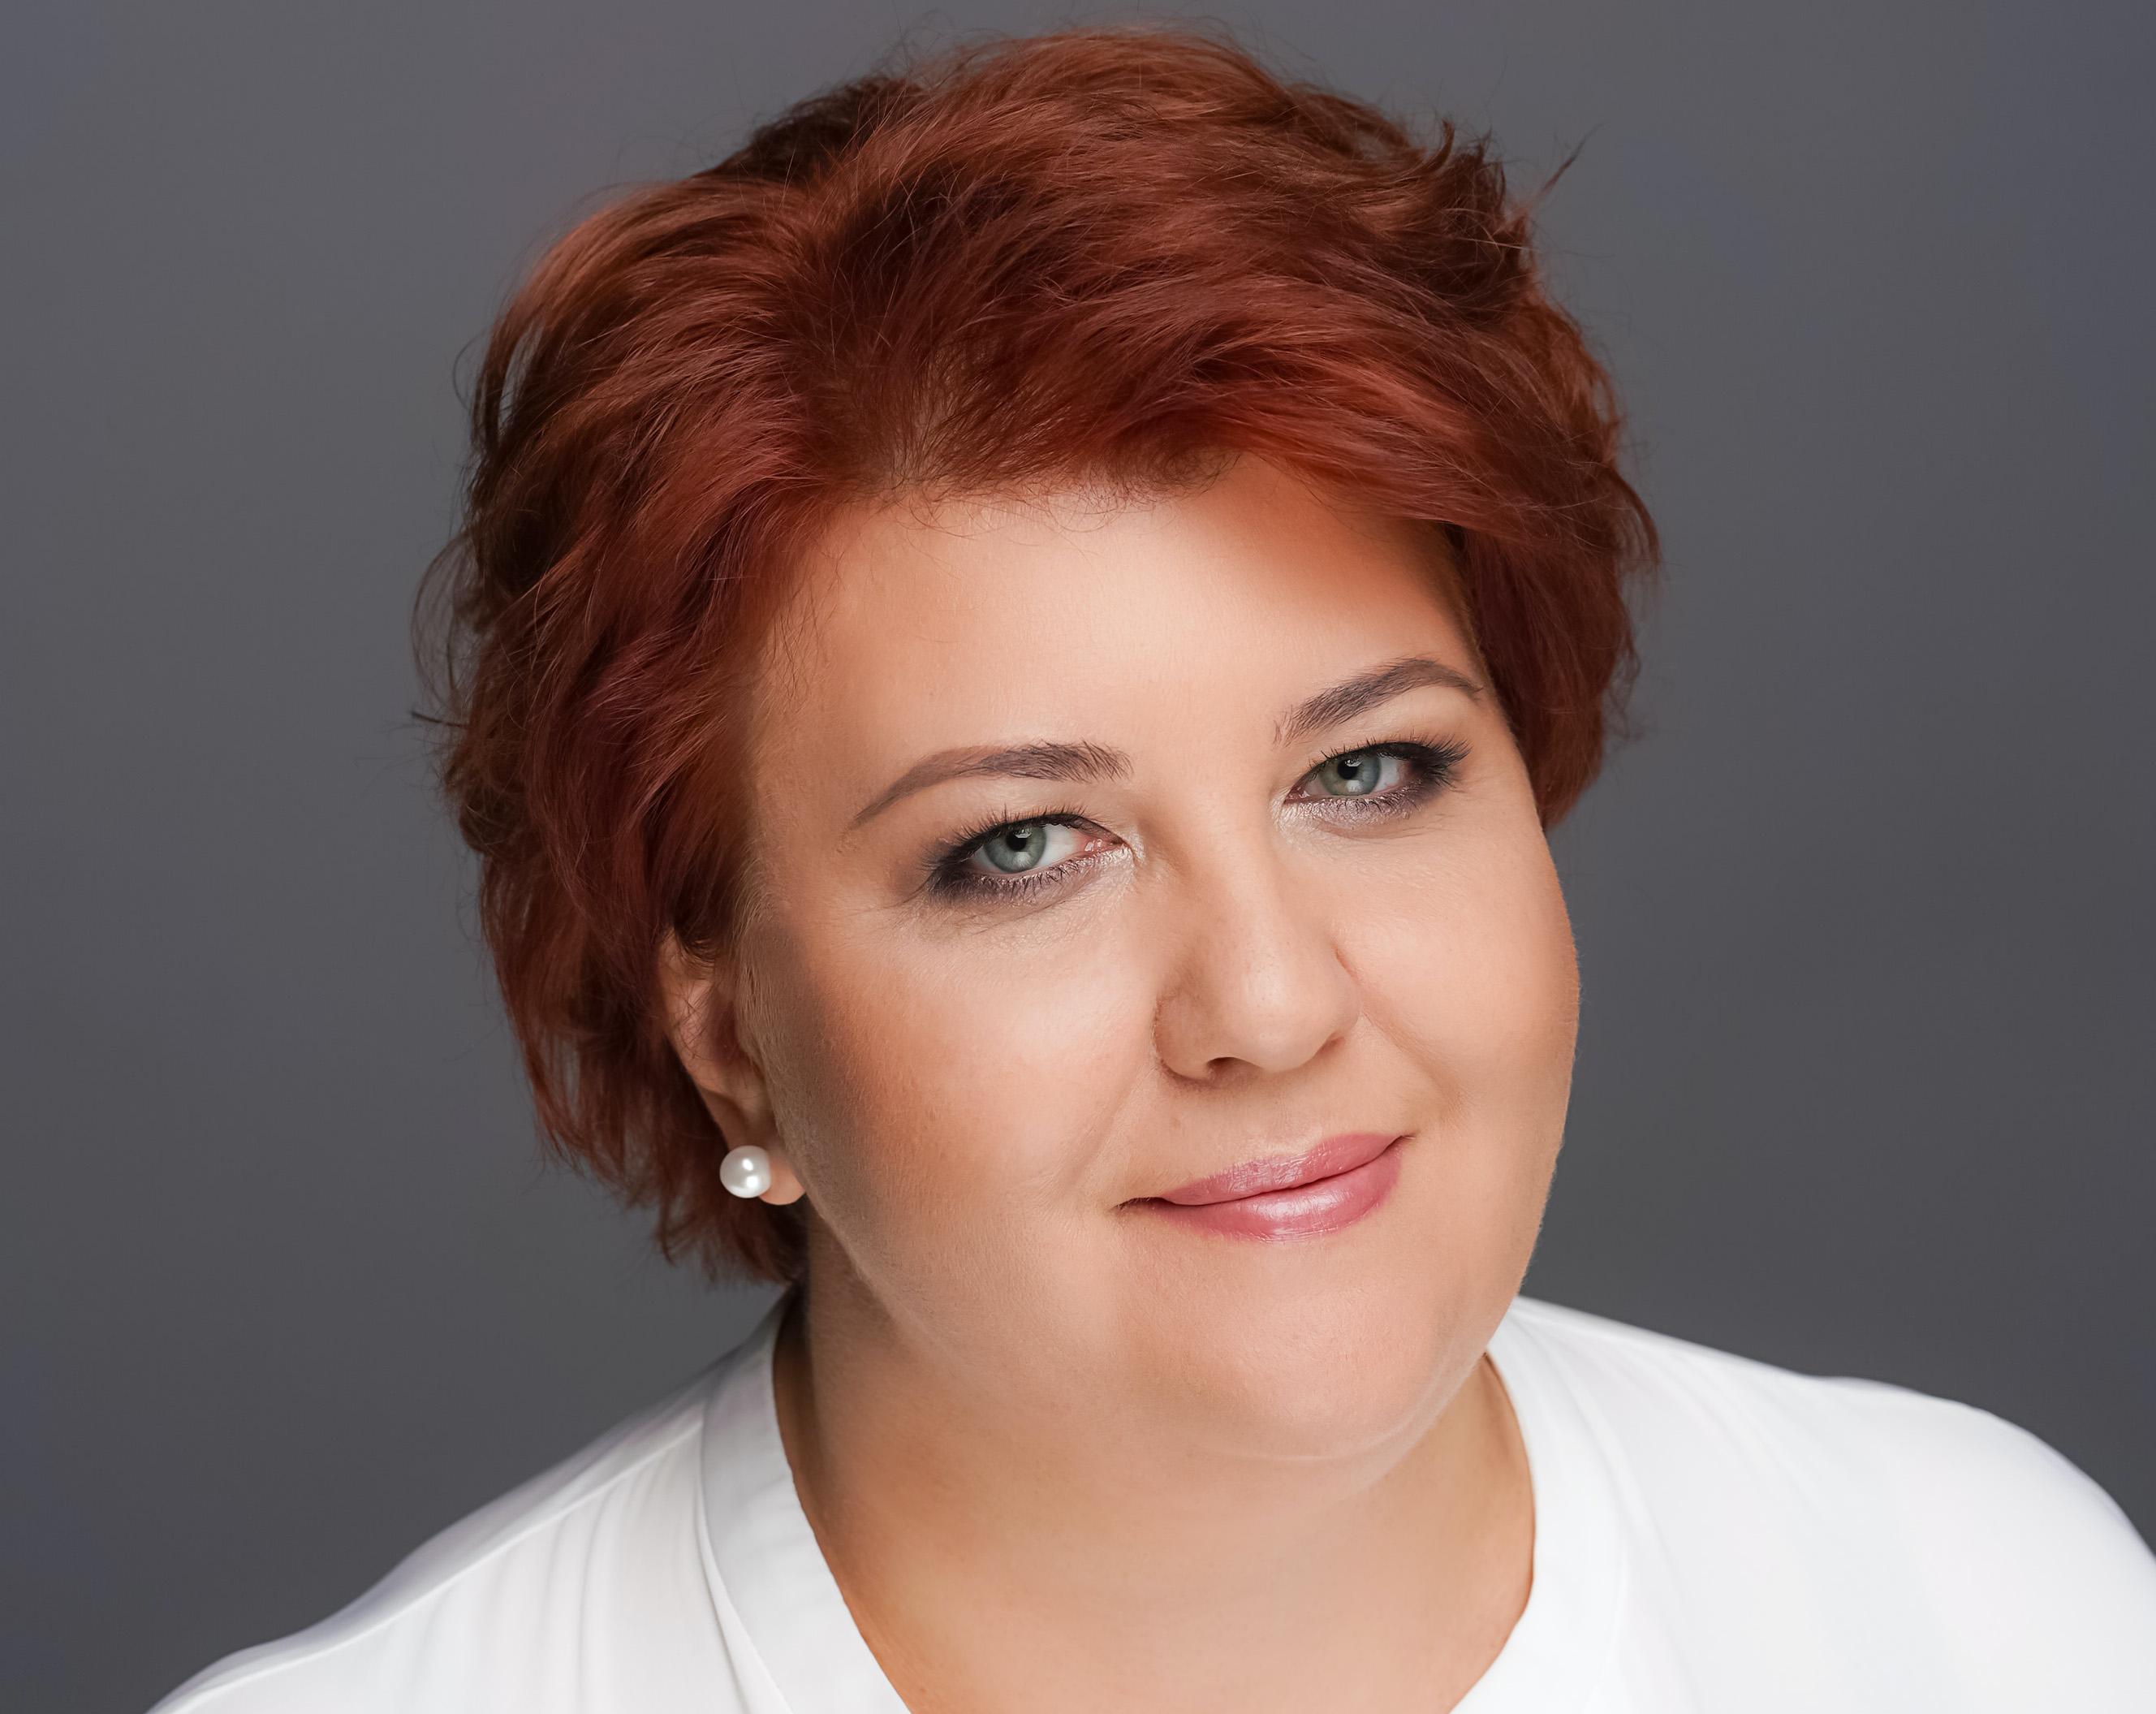 Депутат МГД Ольга Мельникова: Наша задача – защитить от мошенников доверчивых пожилых людей